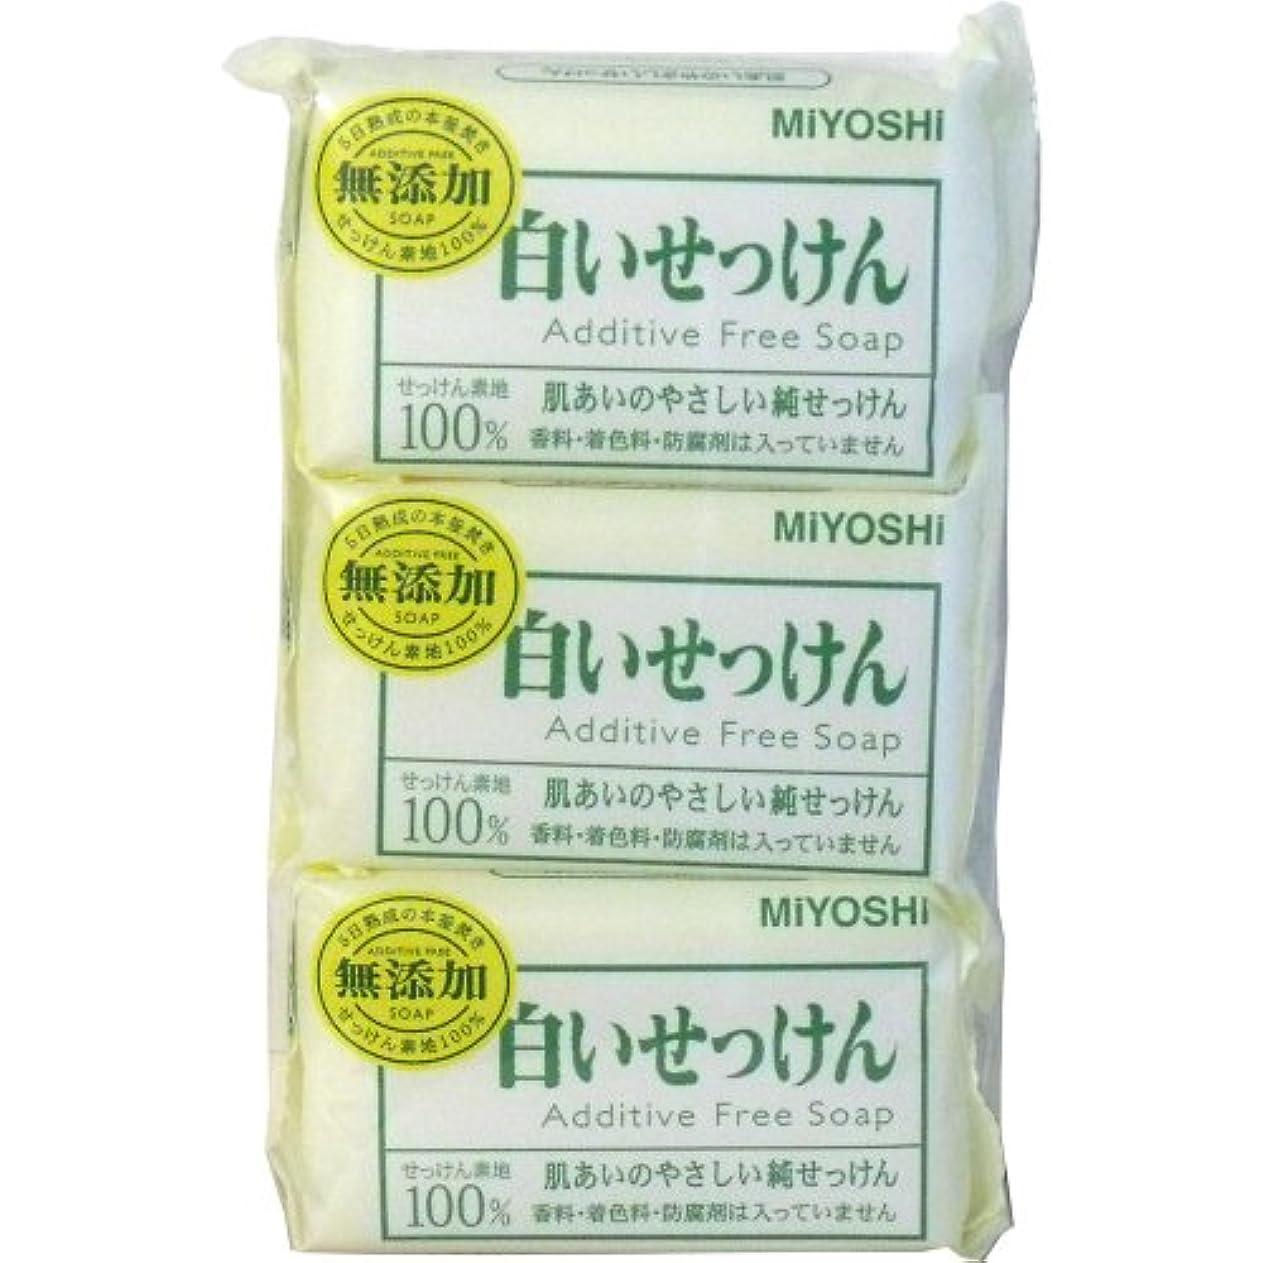 シネマ利用可能駅【ミヨシ】ミヨシ 無添加 白いせっけん 108g×3個入 ×10個セット